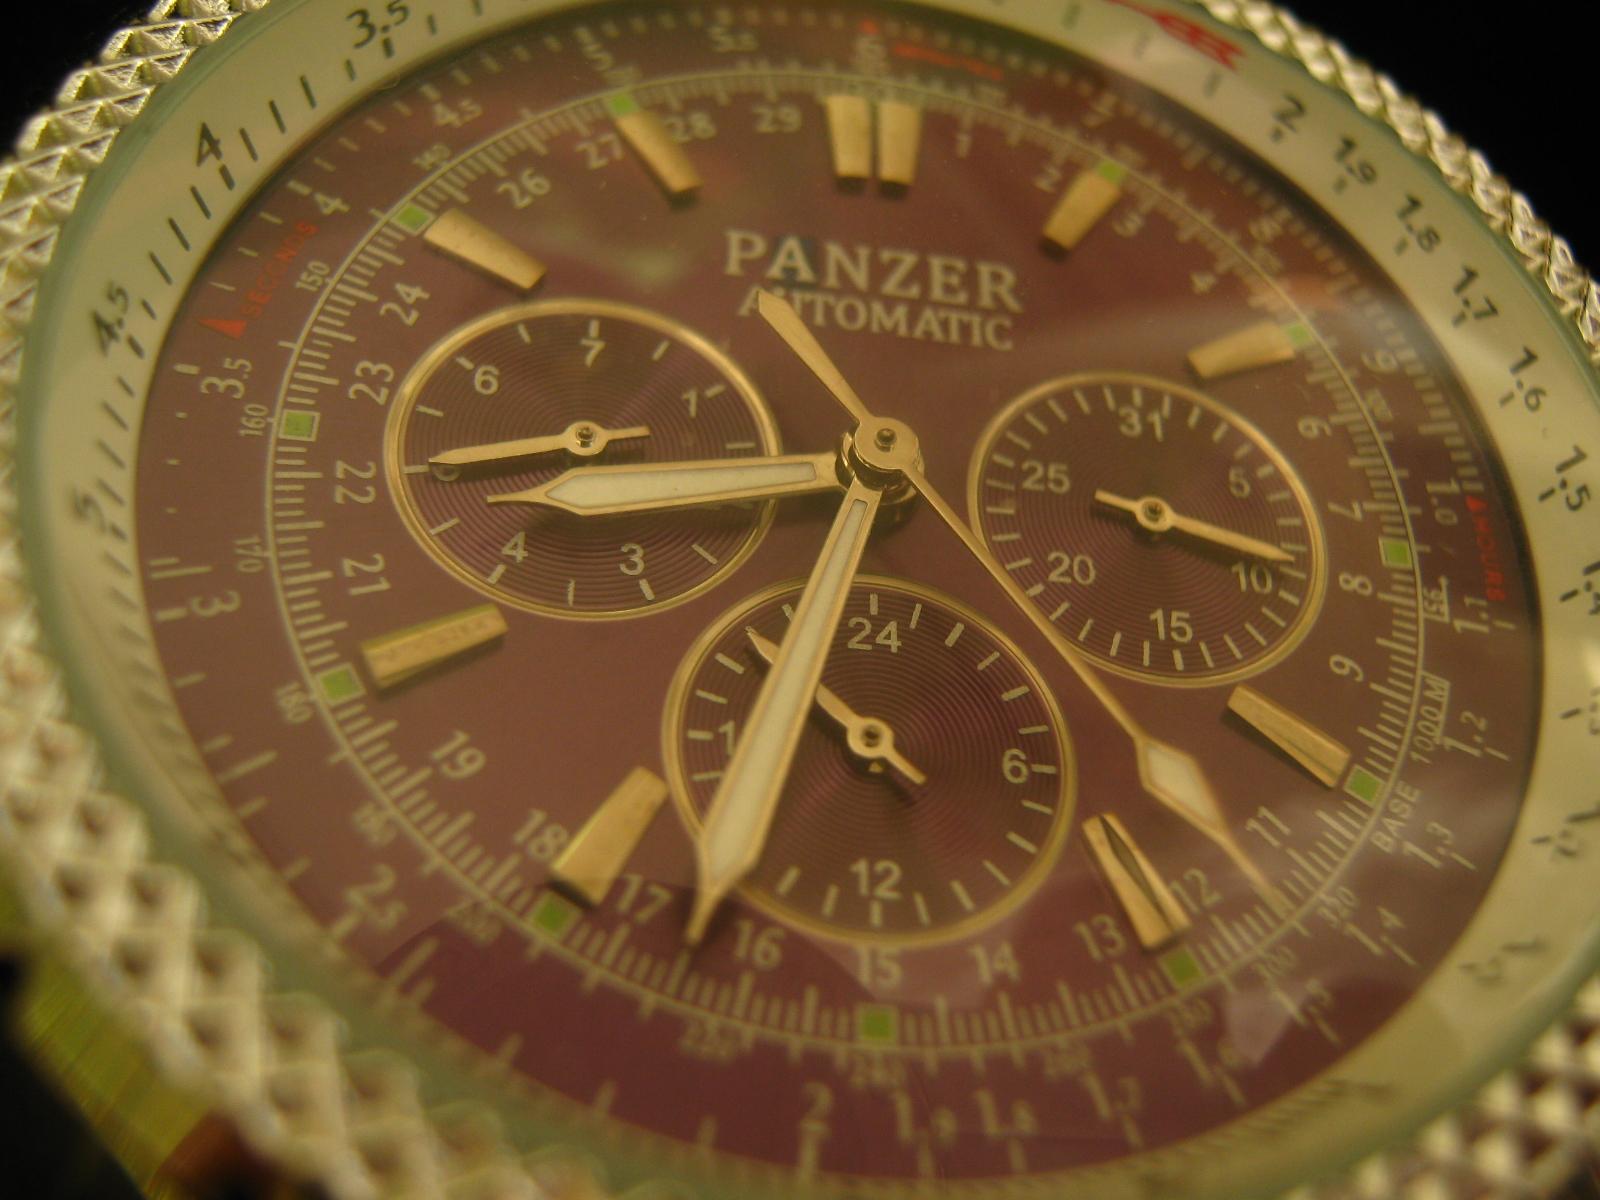 Eladó a fotókon látható Panzer márkájú 8c840a4ecc